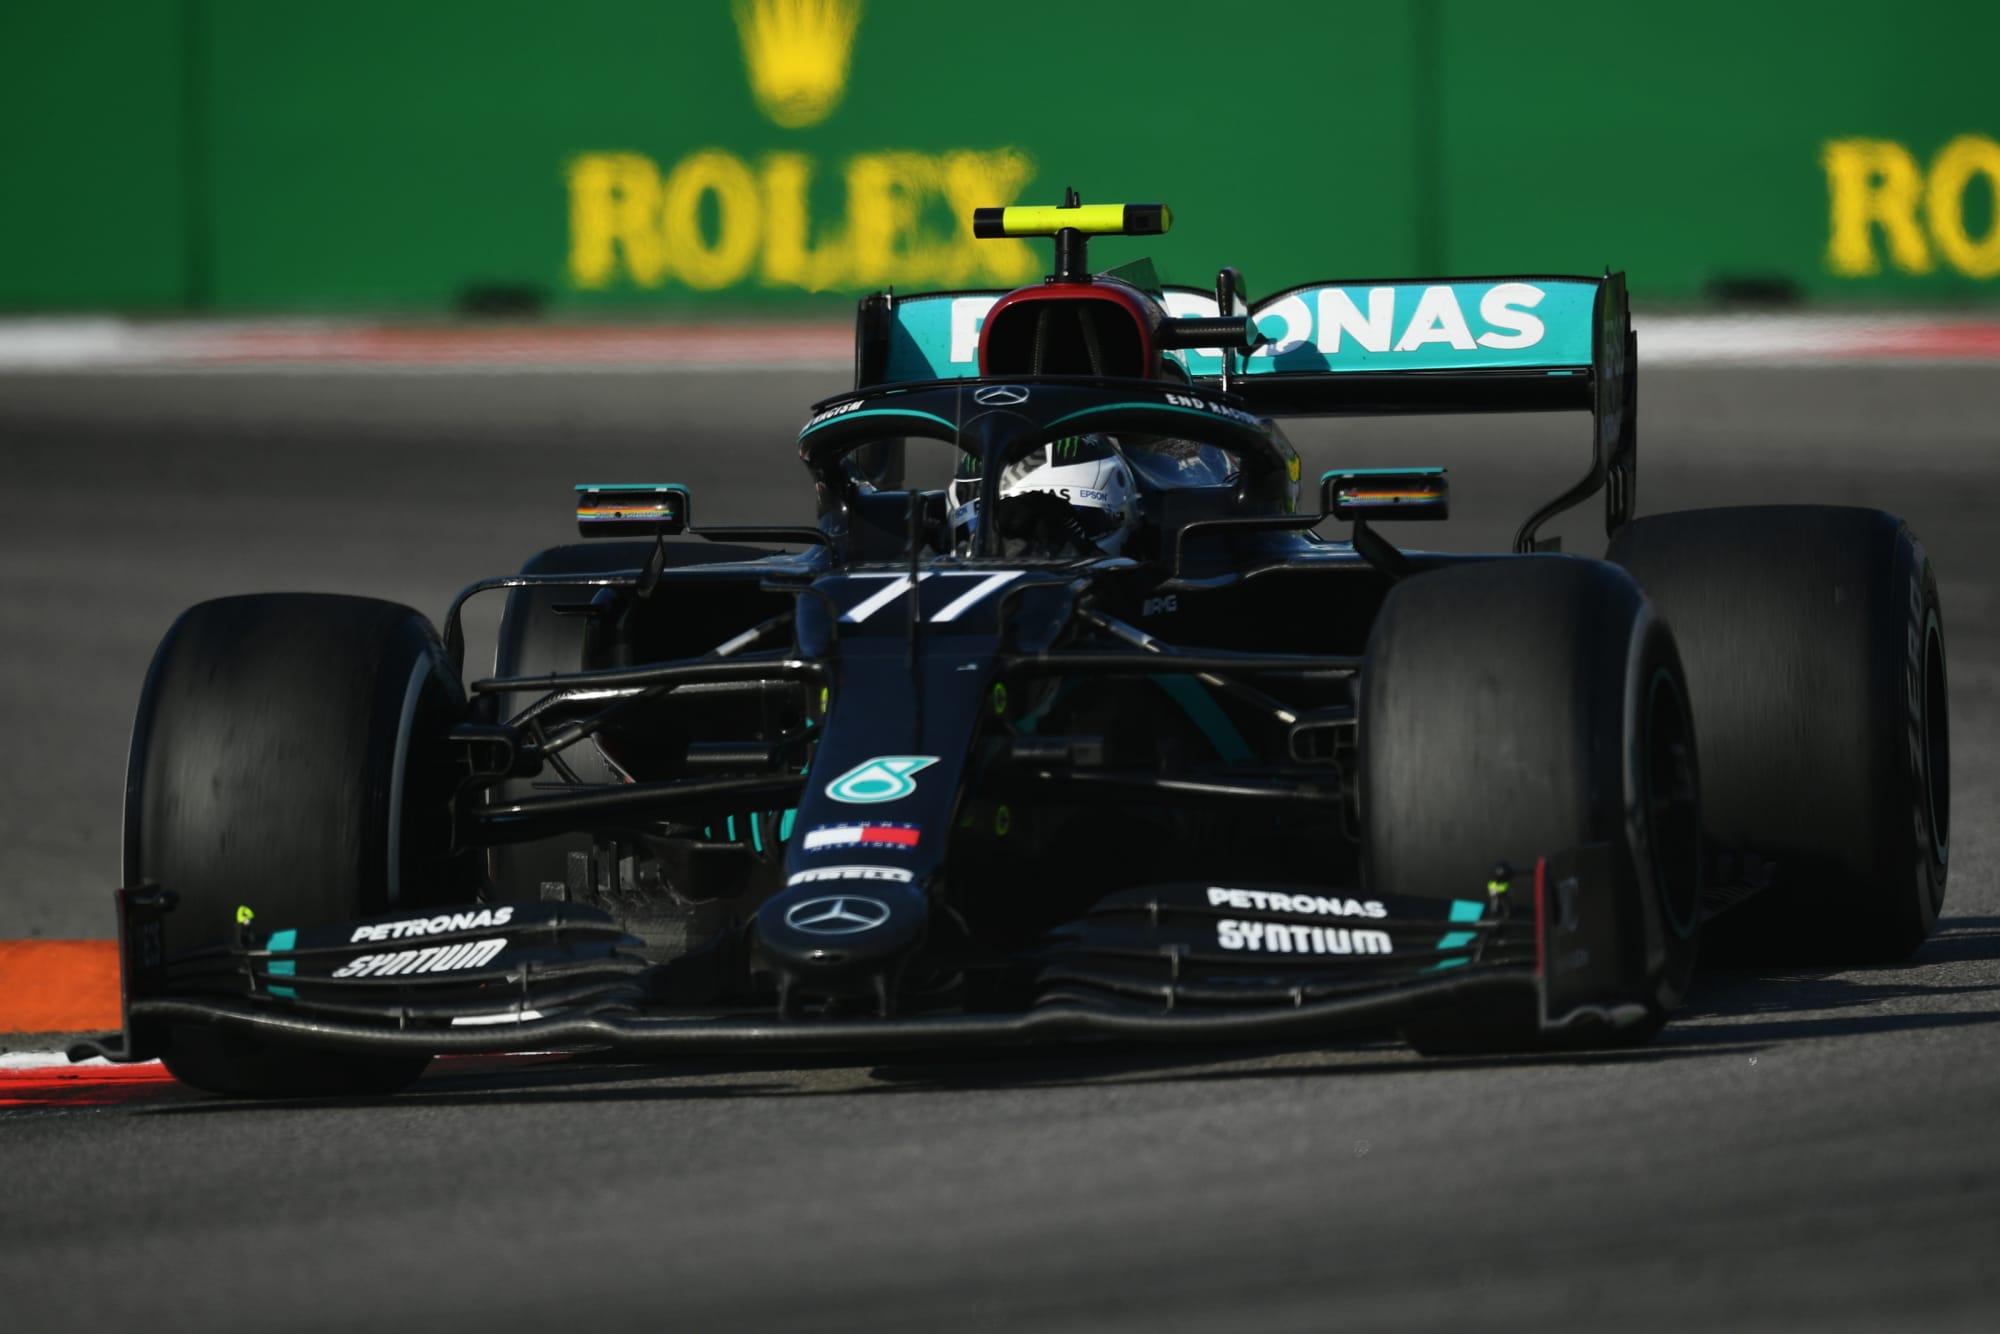 Formula 1: Sochi results, standings – Valtteri Bottas wins